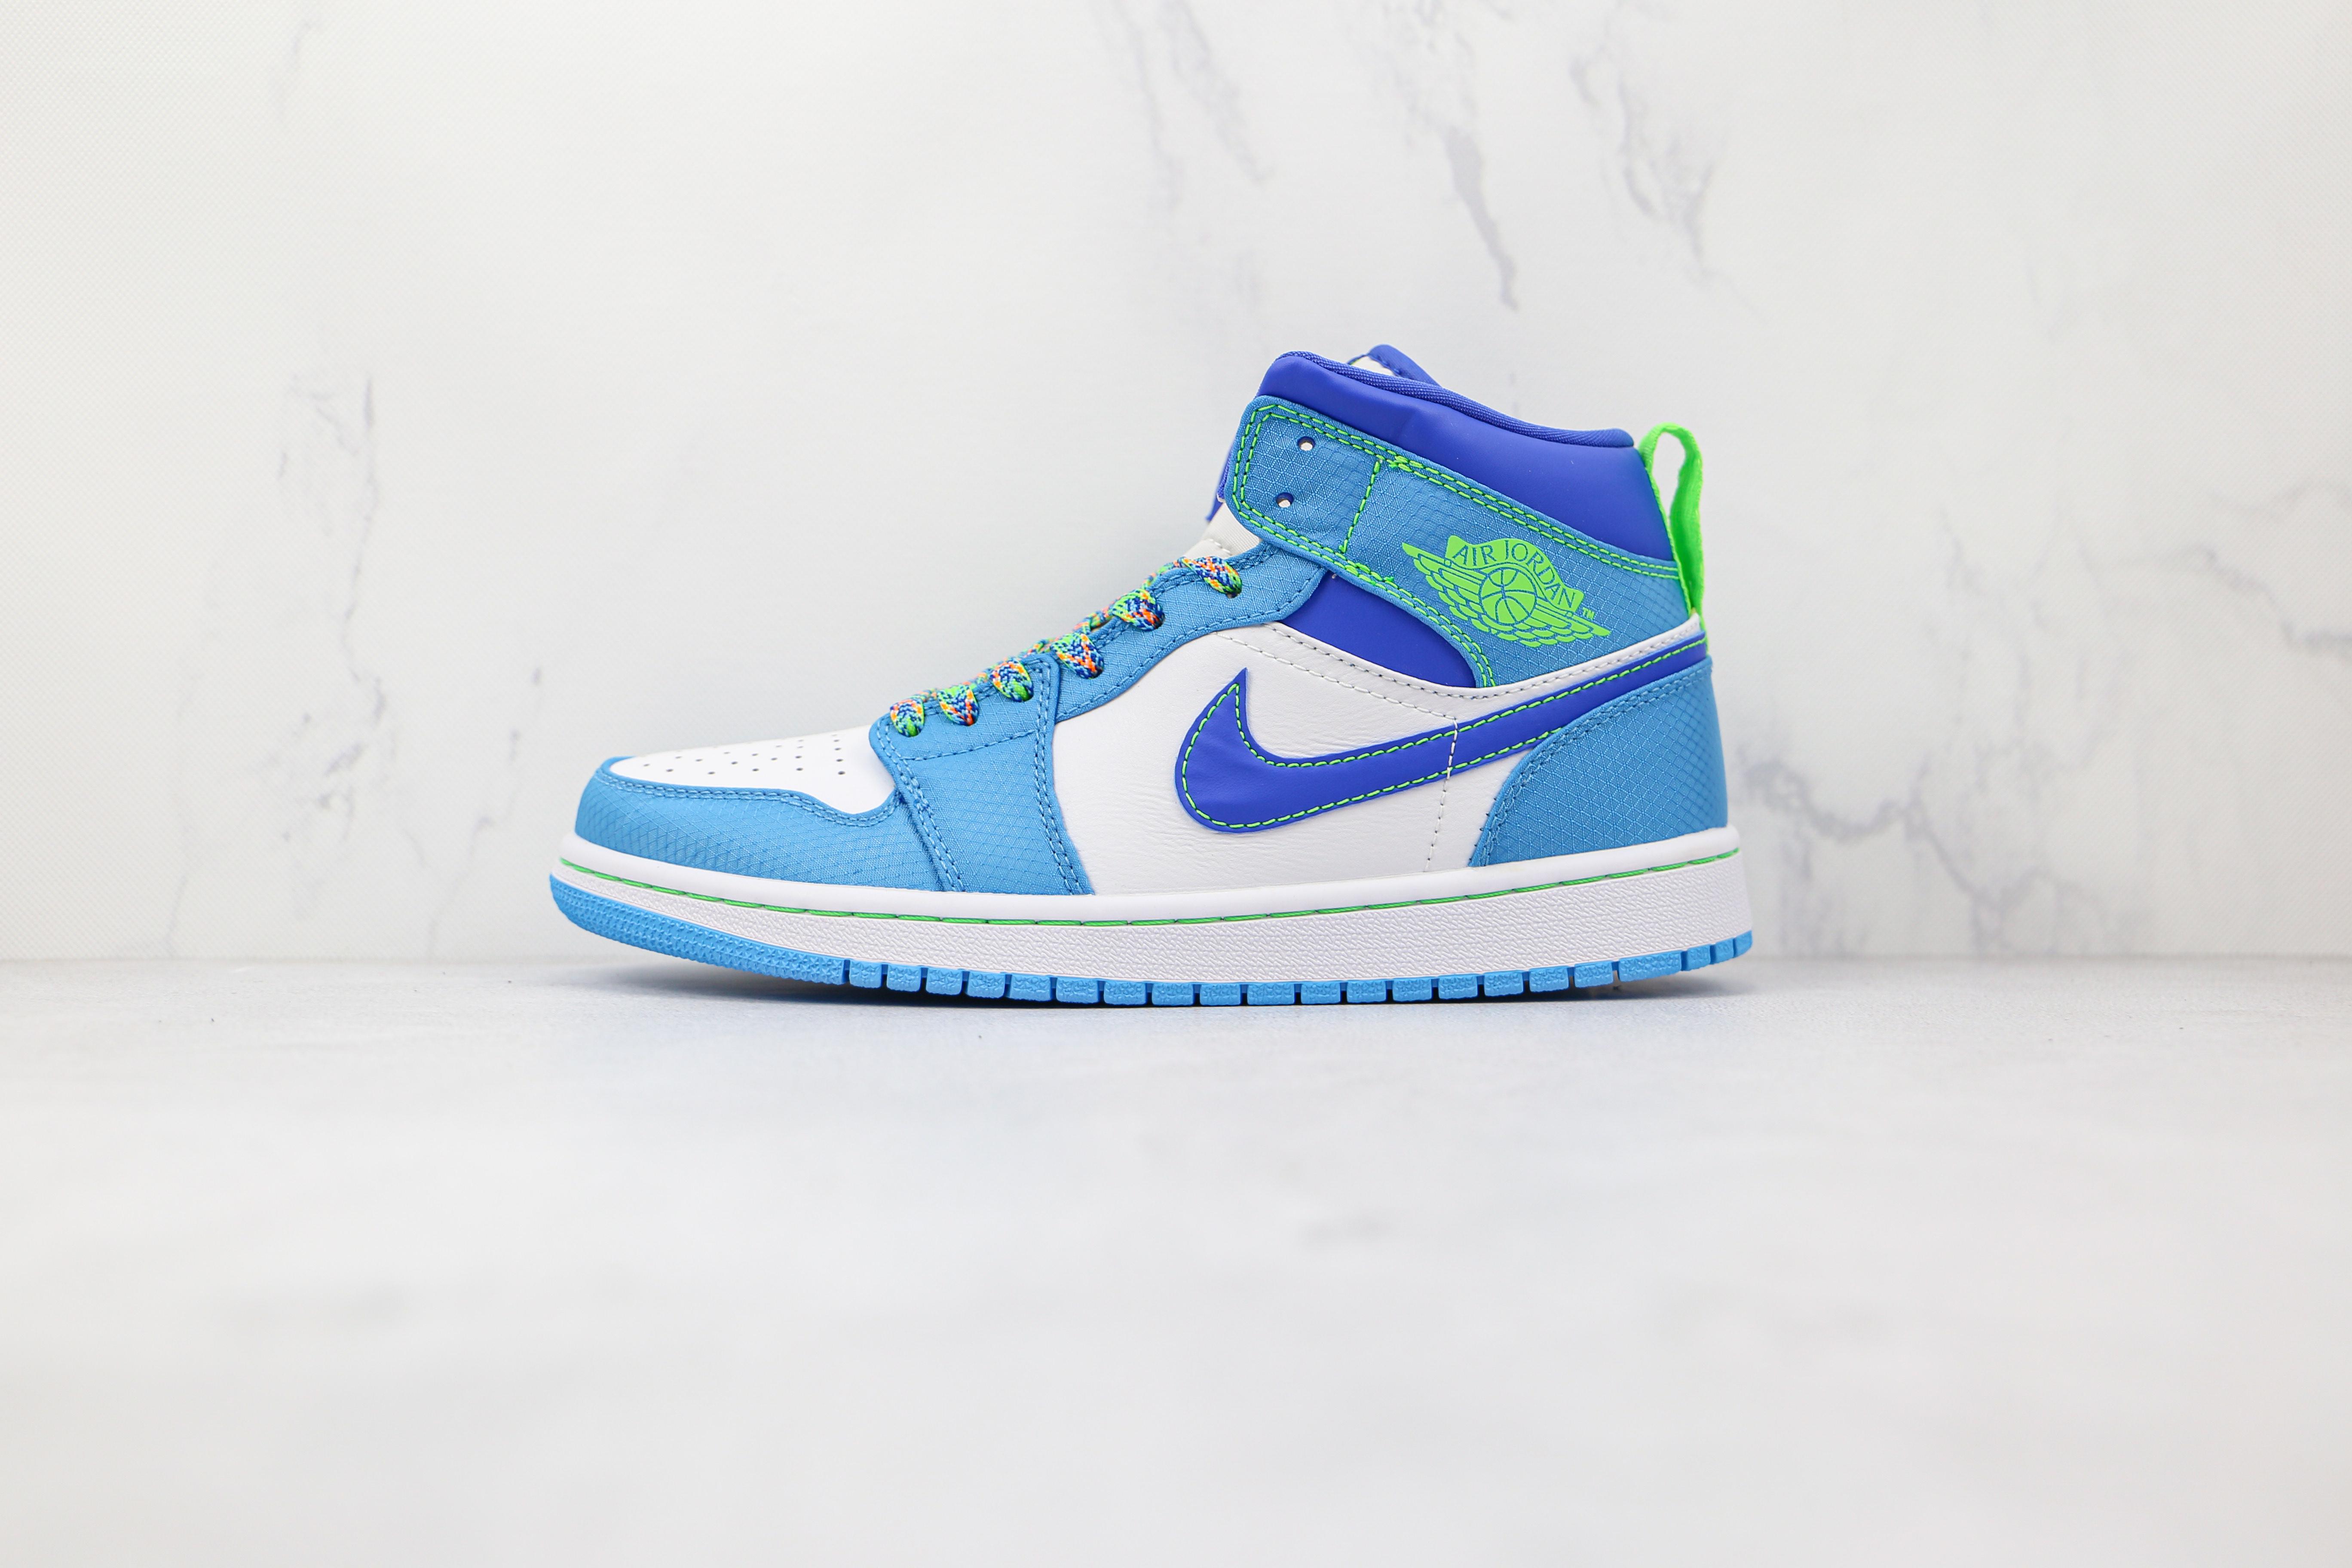 乔丹 AJ1 中帮 白蓝绿色 货号:DA8010 400 Air Jordan 1 Mid GS 这款有趣的中帮Air Jordan 1底部饰有白色皮革   U17